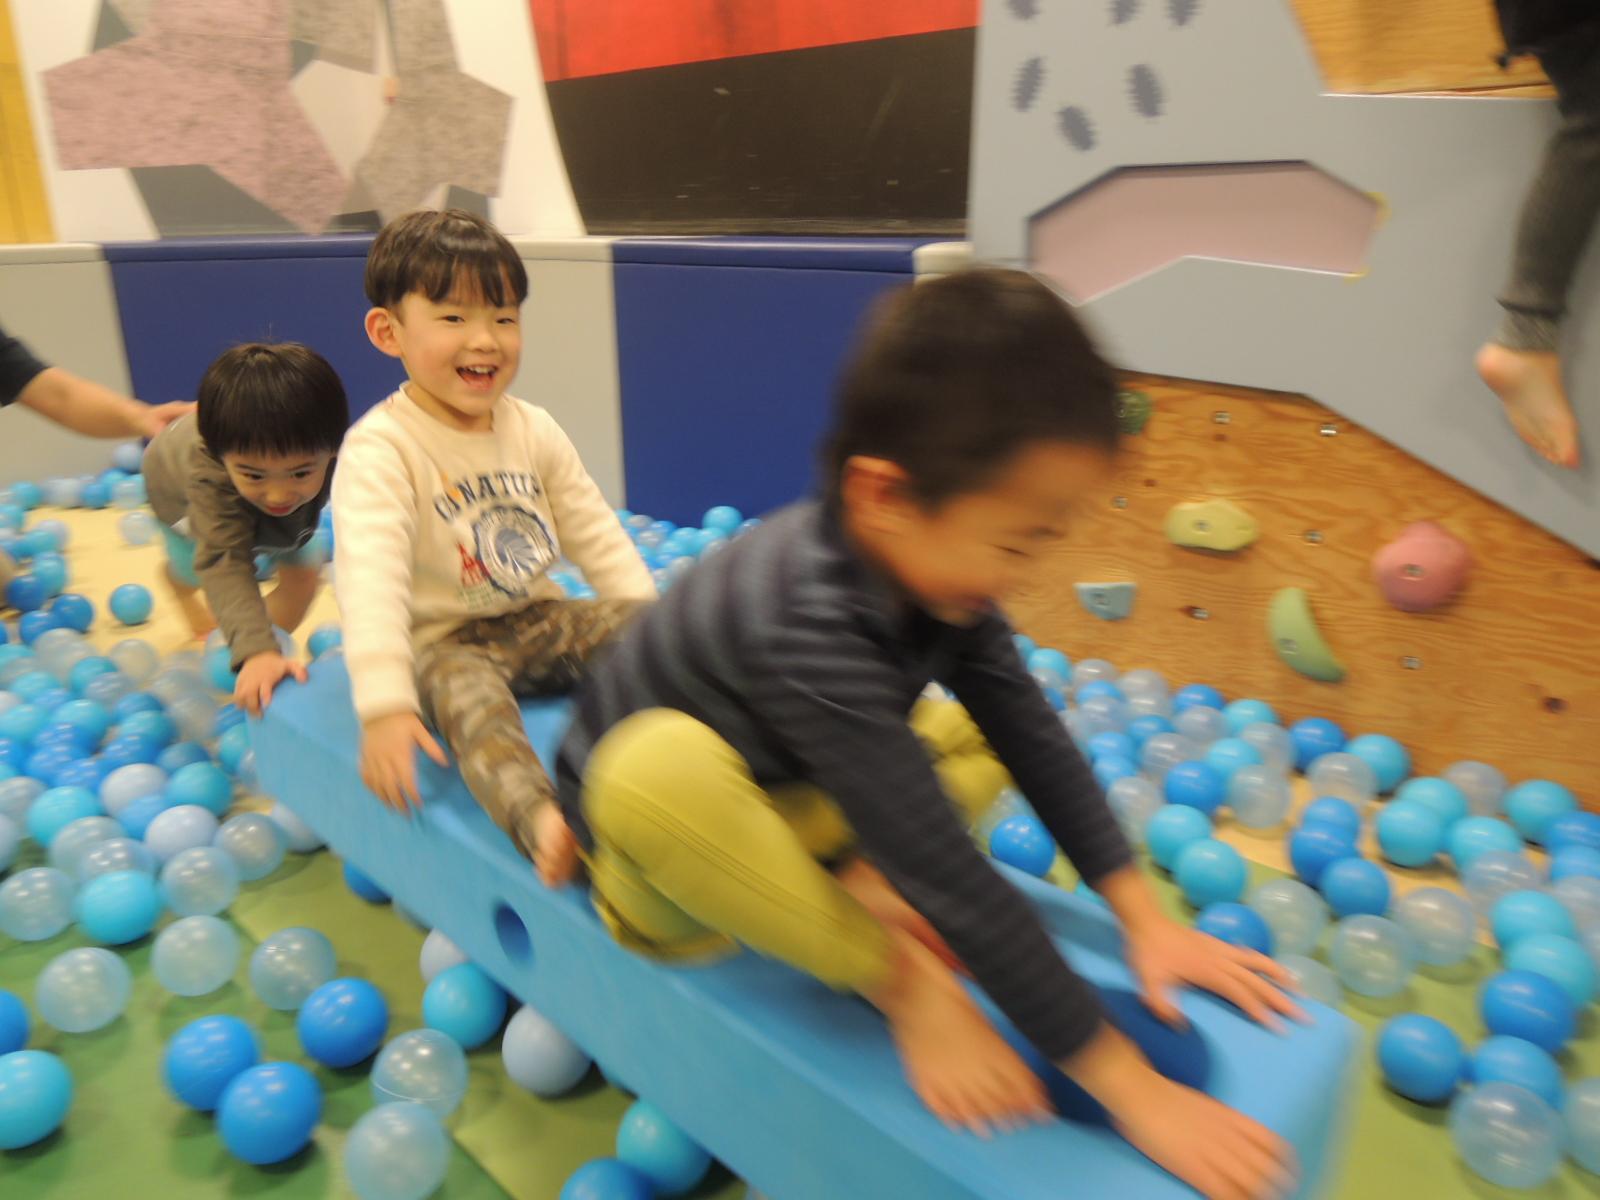 1/24(水) 【全国共通イベント】アスリートチャレンジ「ボブスレーに挑戦」